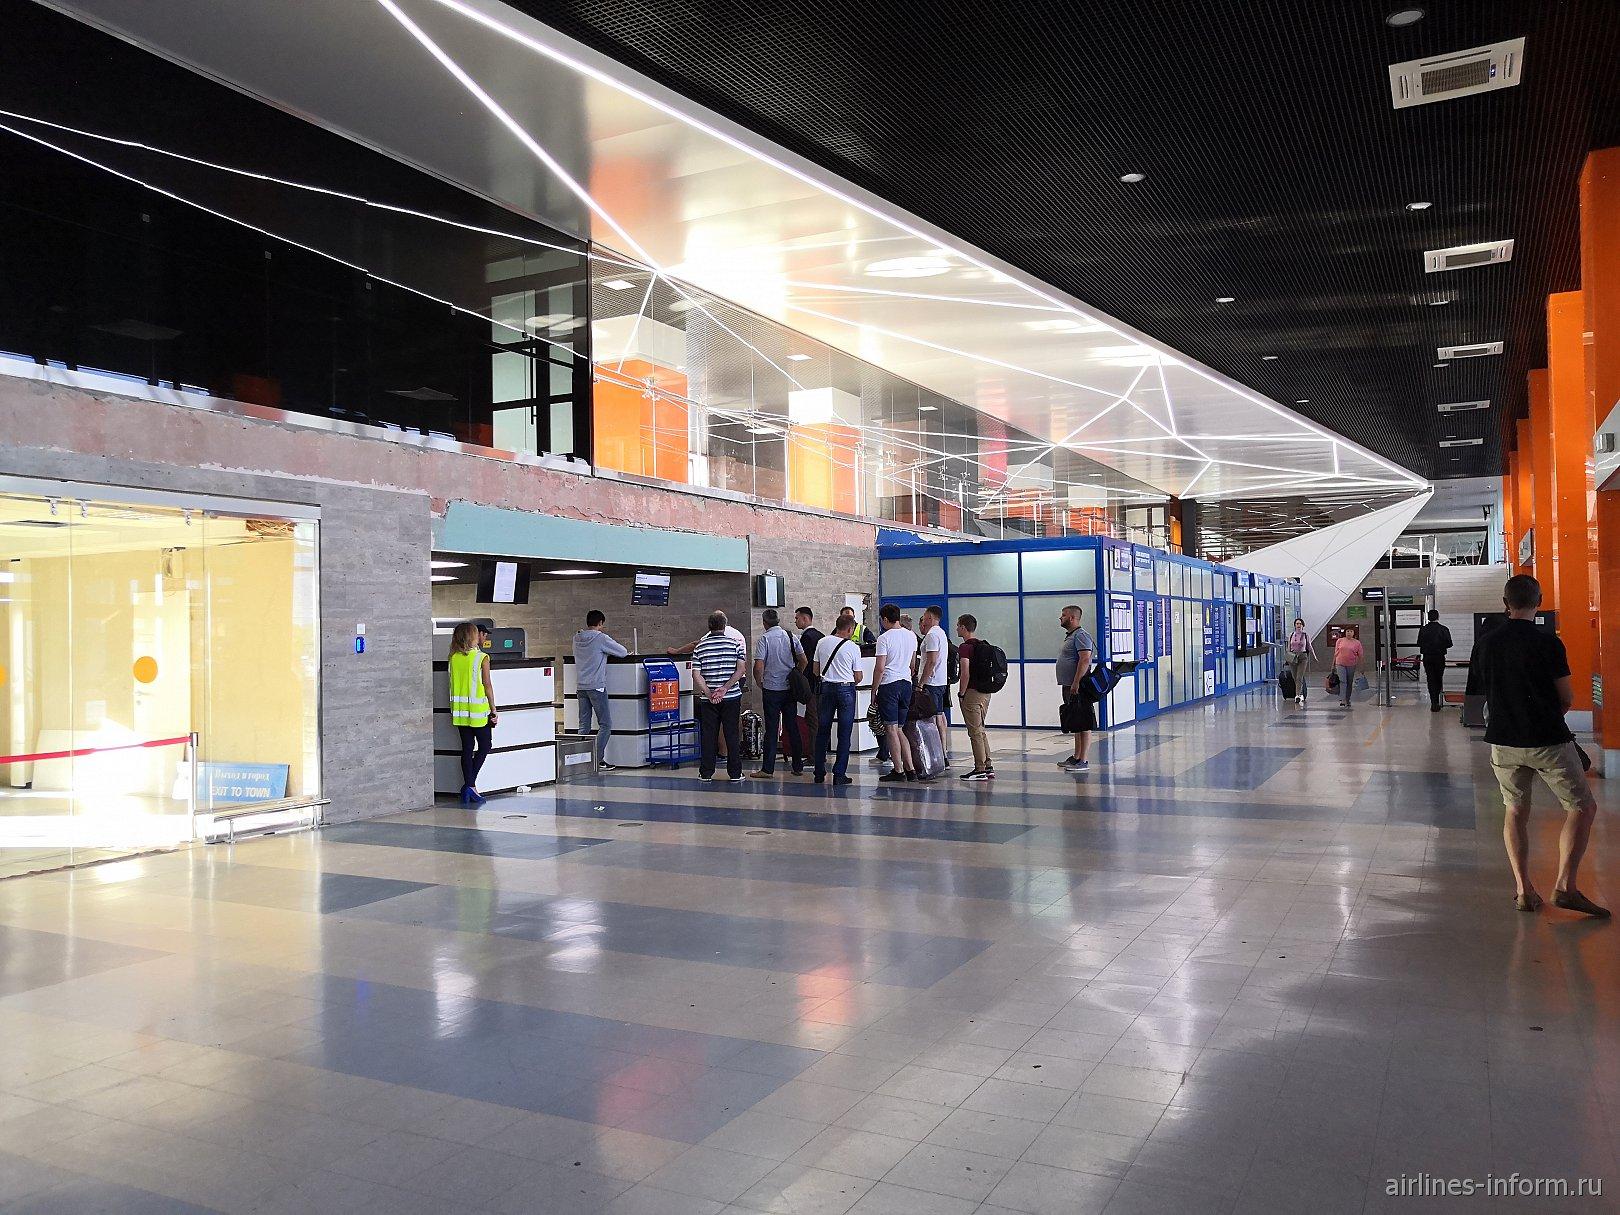 В аэровокзале аэропорта Магнитогорск